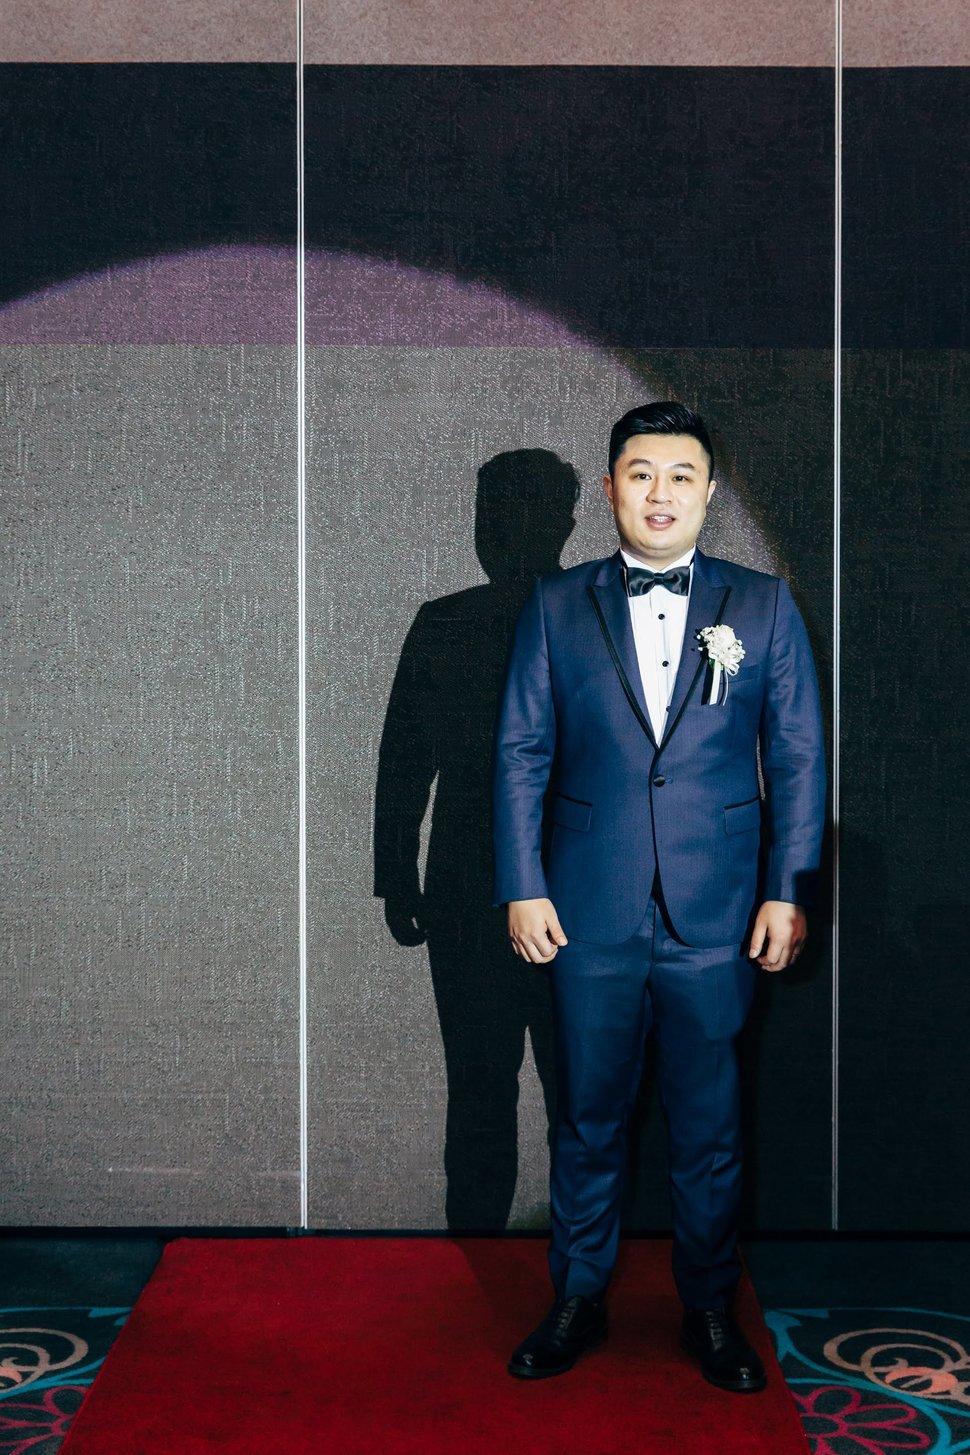 維多麗亞酒店婚禮 -美式婚禮-美式婚禮紀錄- 戶外證婚-Amazing Grace 攝影美學 -台北婚禮紀錄 - Amazing Grace Studio46 - Amazing Grace Studio《結婚吧》